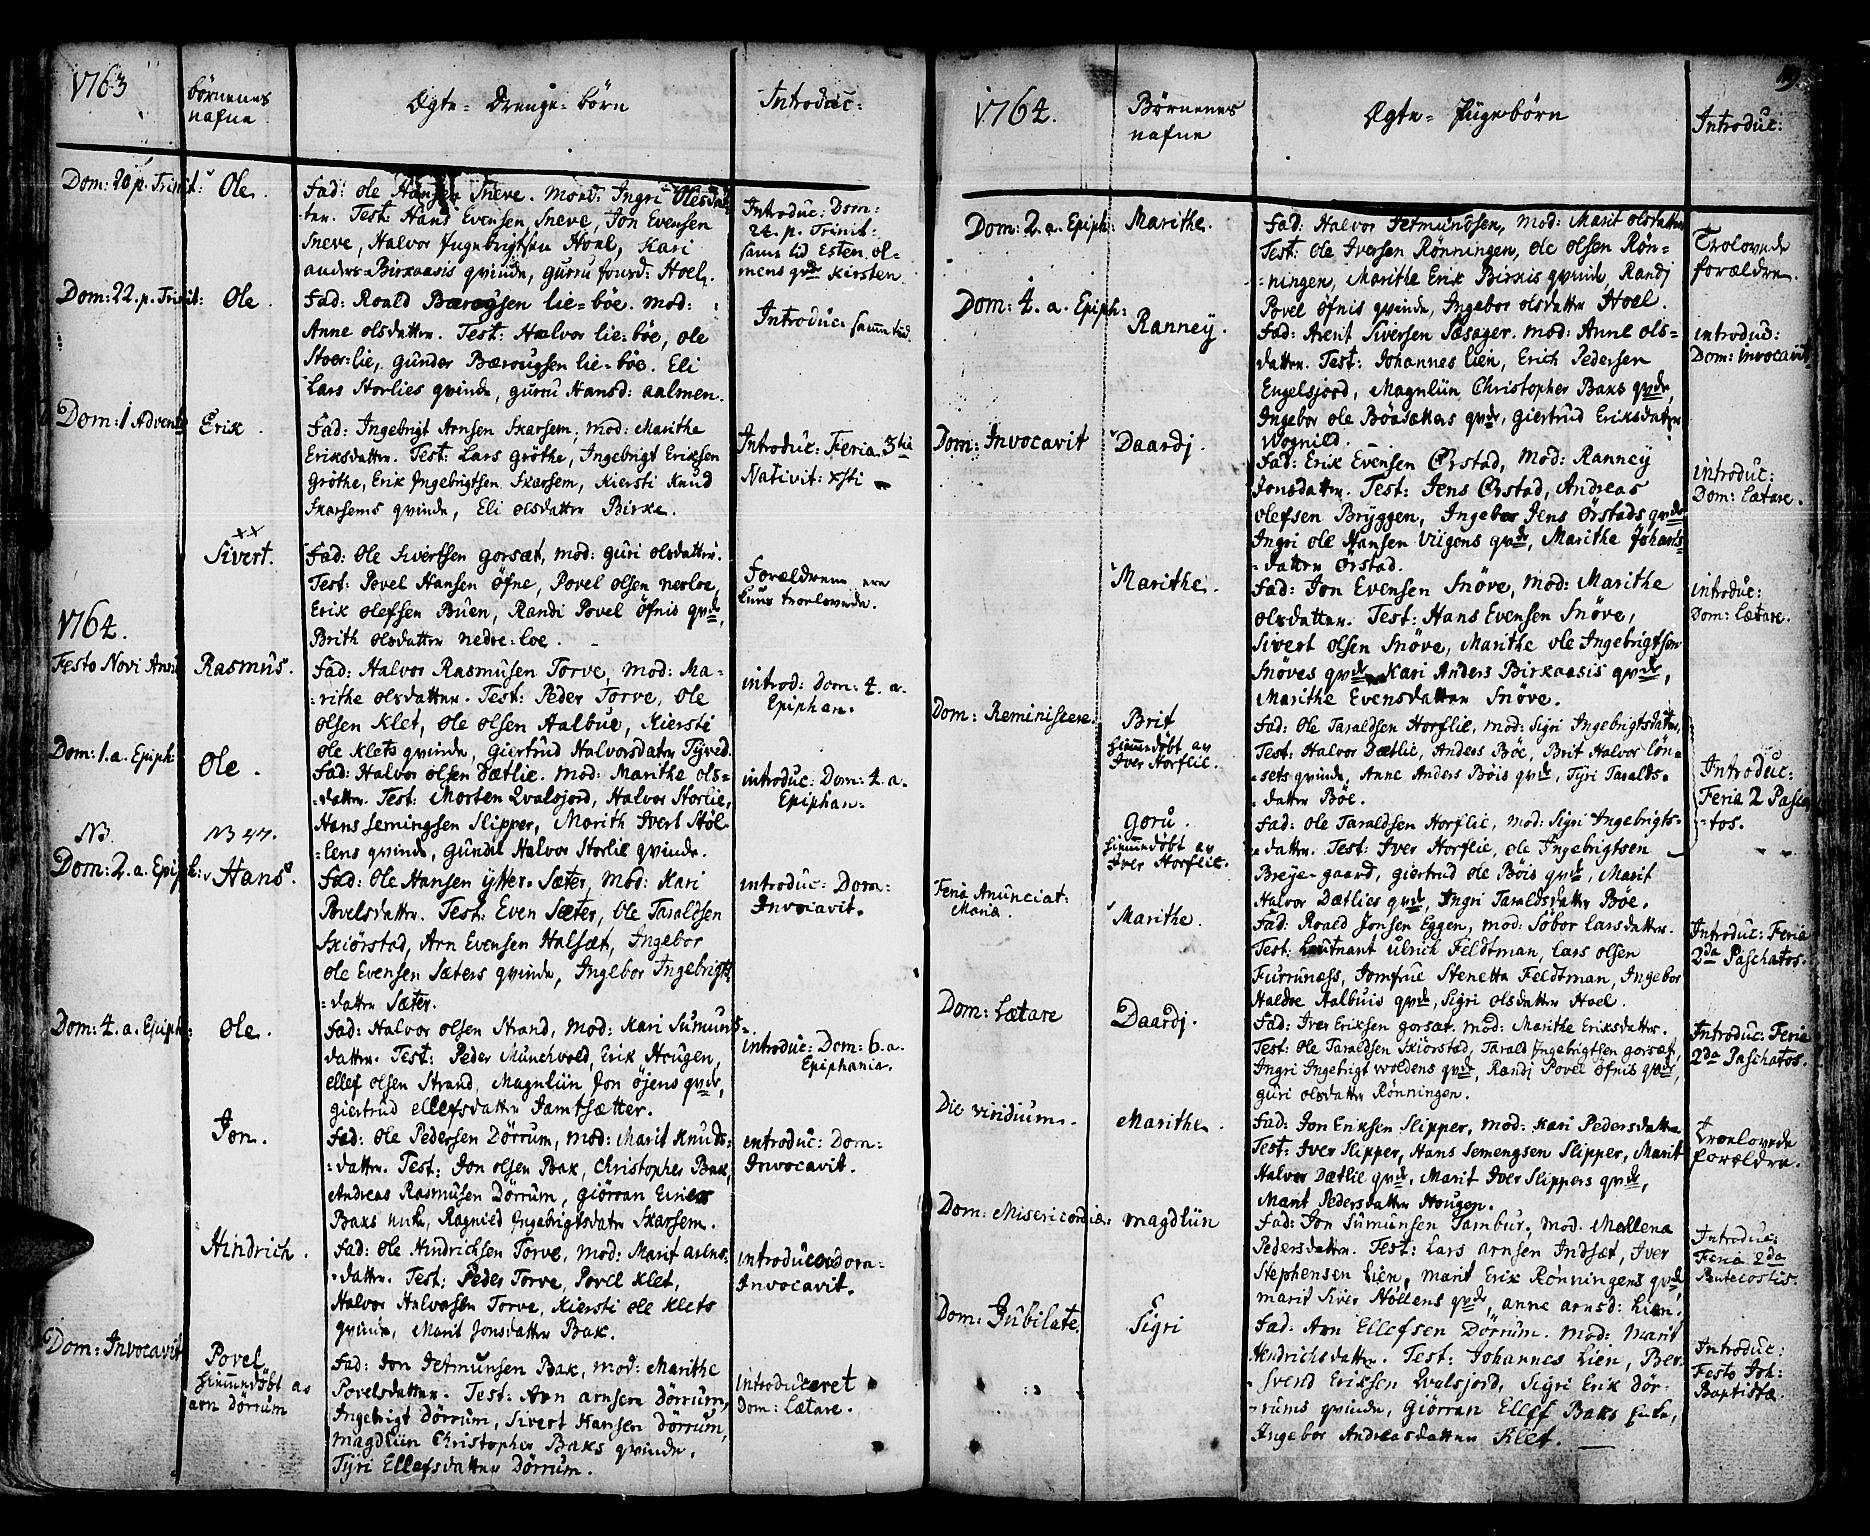 SAT, Ministerialprotokoller, klokkerbøker og fødselsregistre - Sør-Trøndelag, 678/L0891: Ministerialbok nr. 678A01, 1739-1780, s. 119